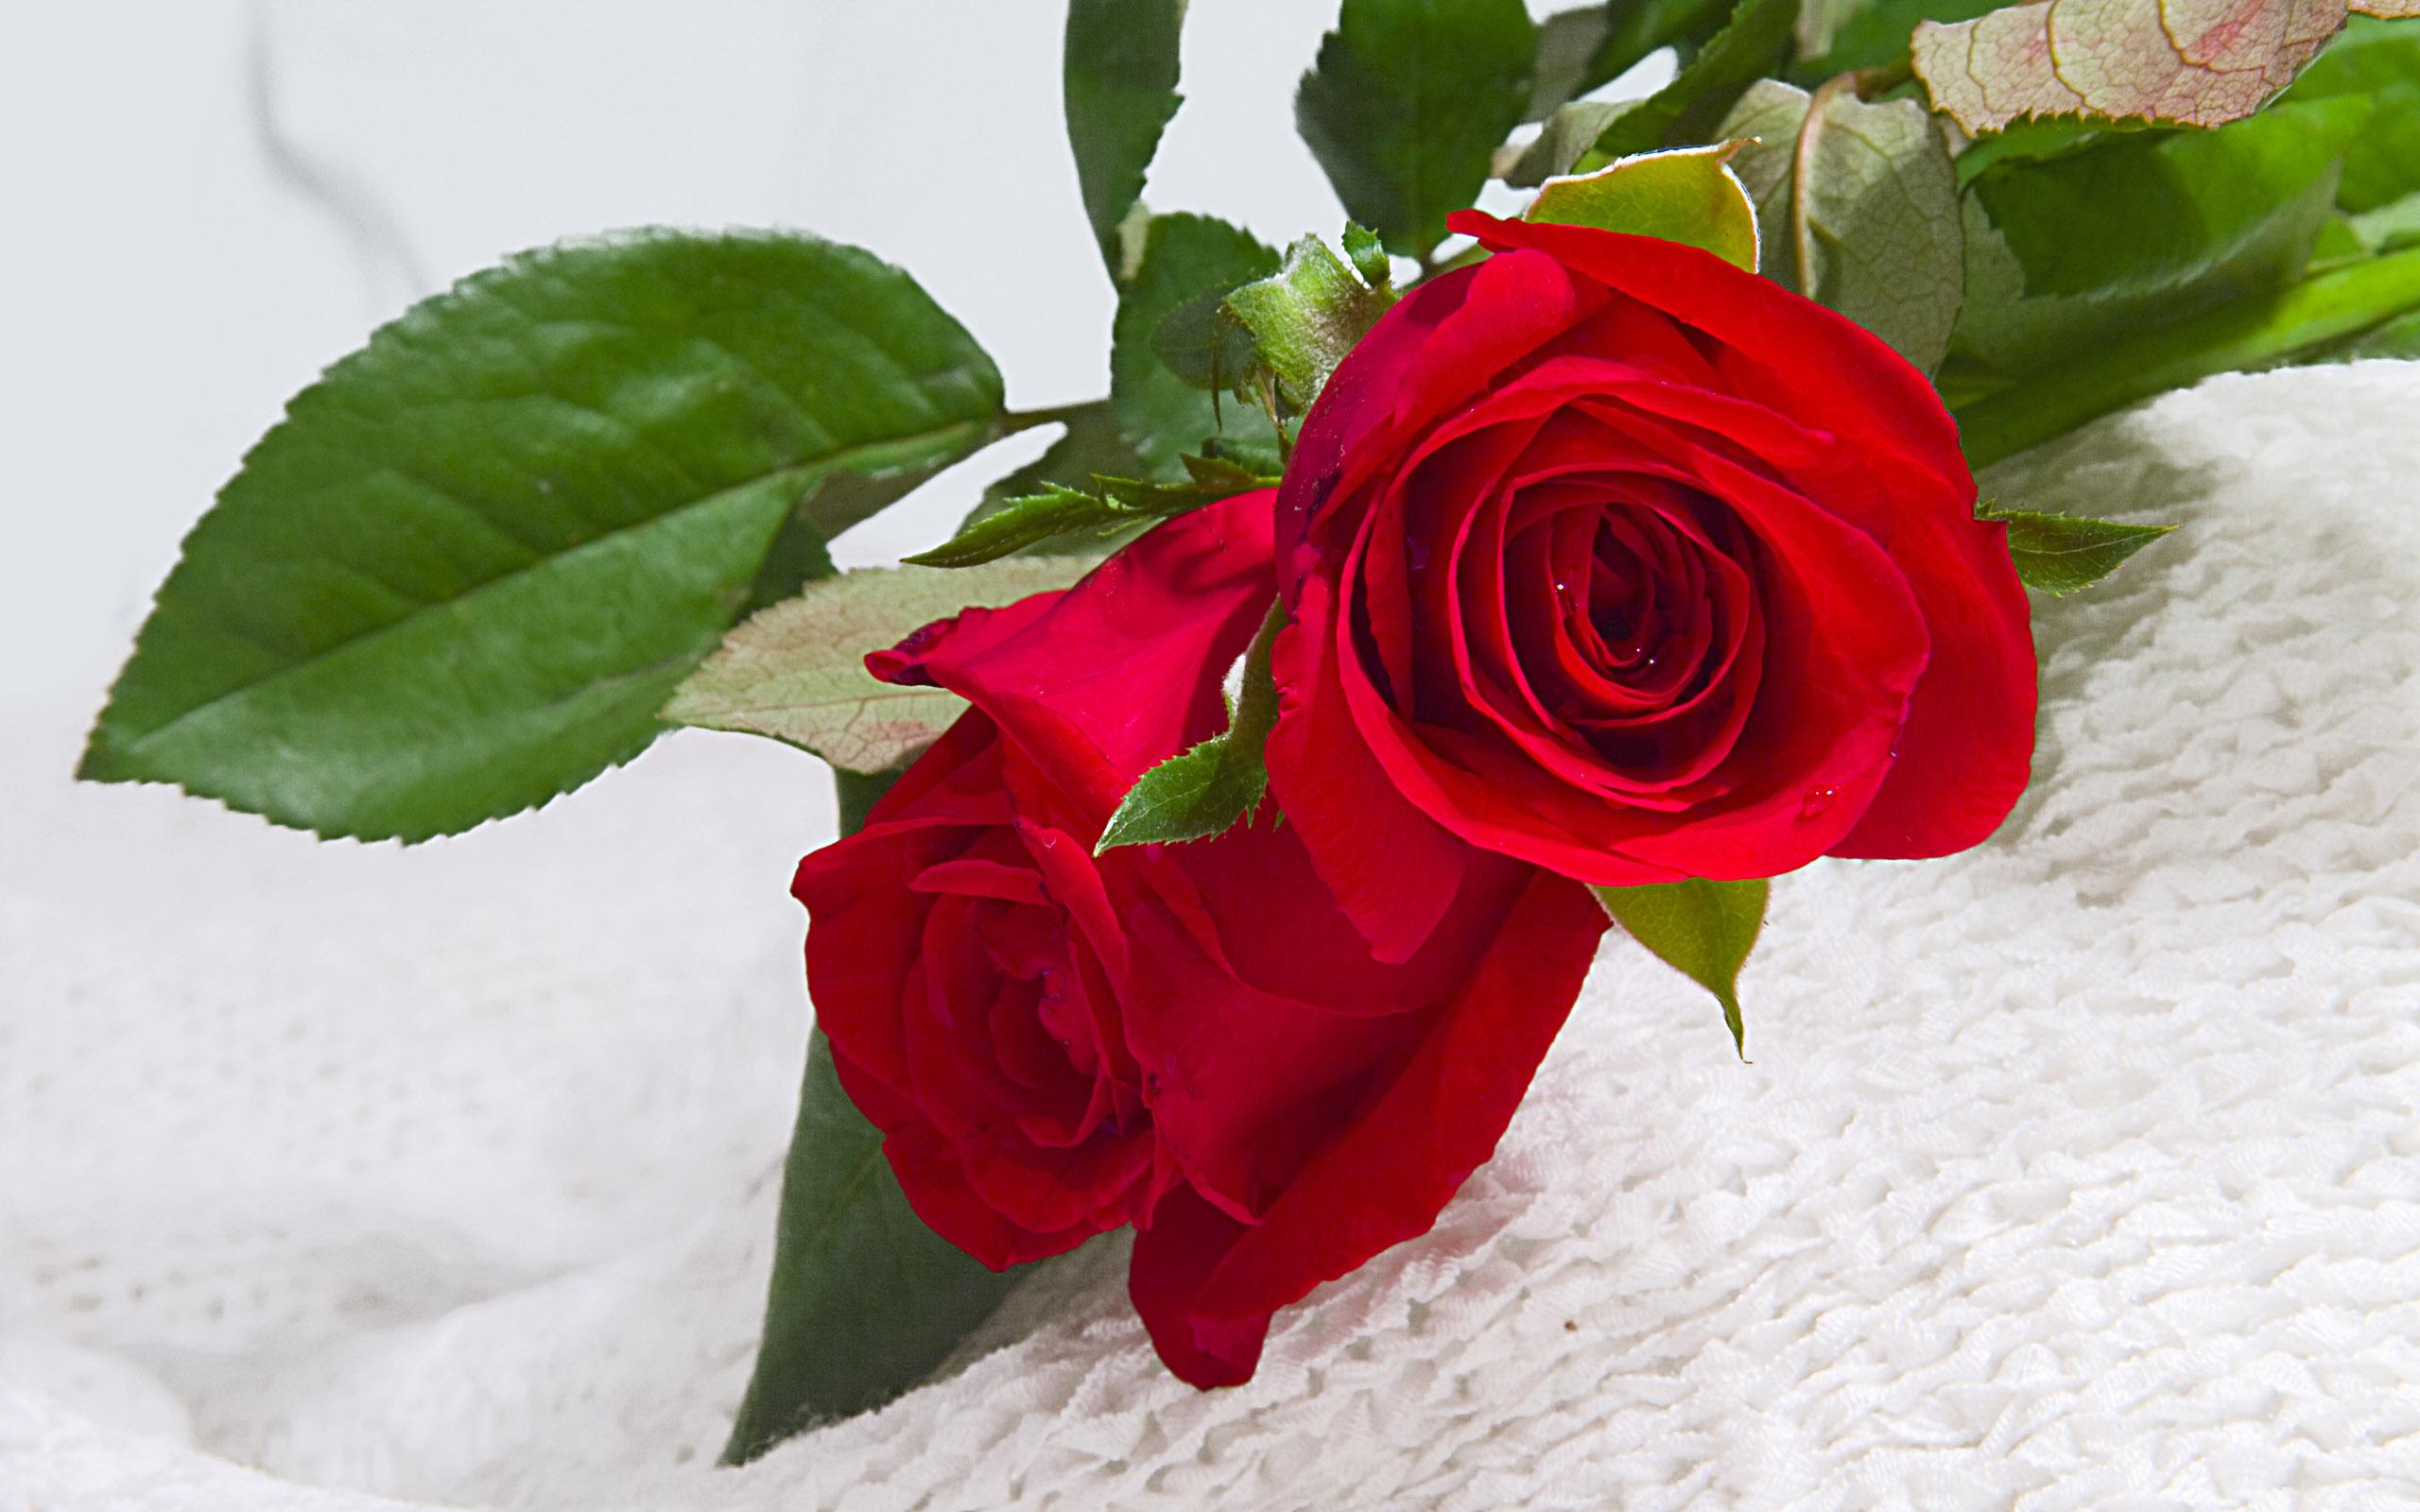 Dùng hoa hồng tươi để hết bị mất ngủ